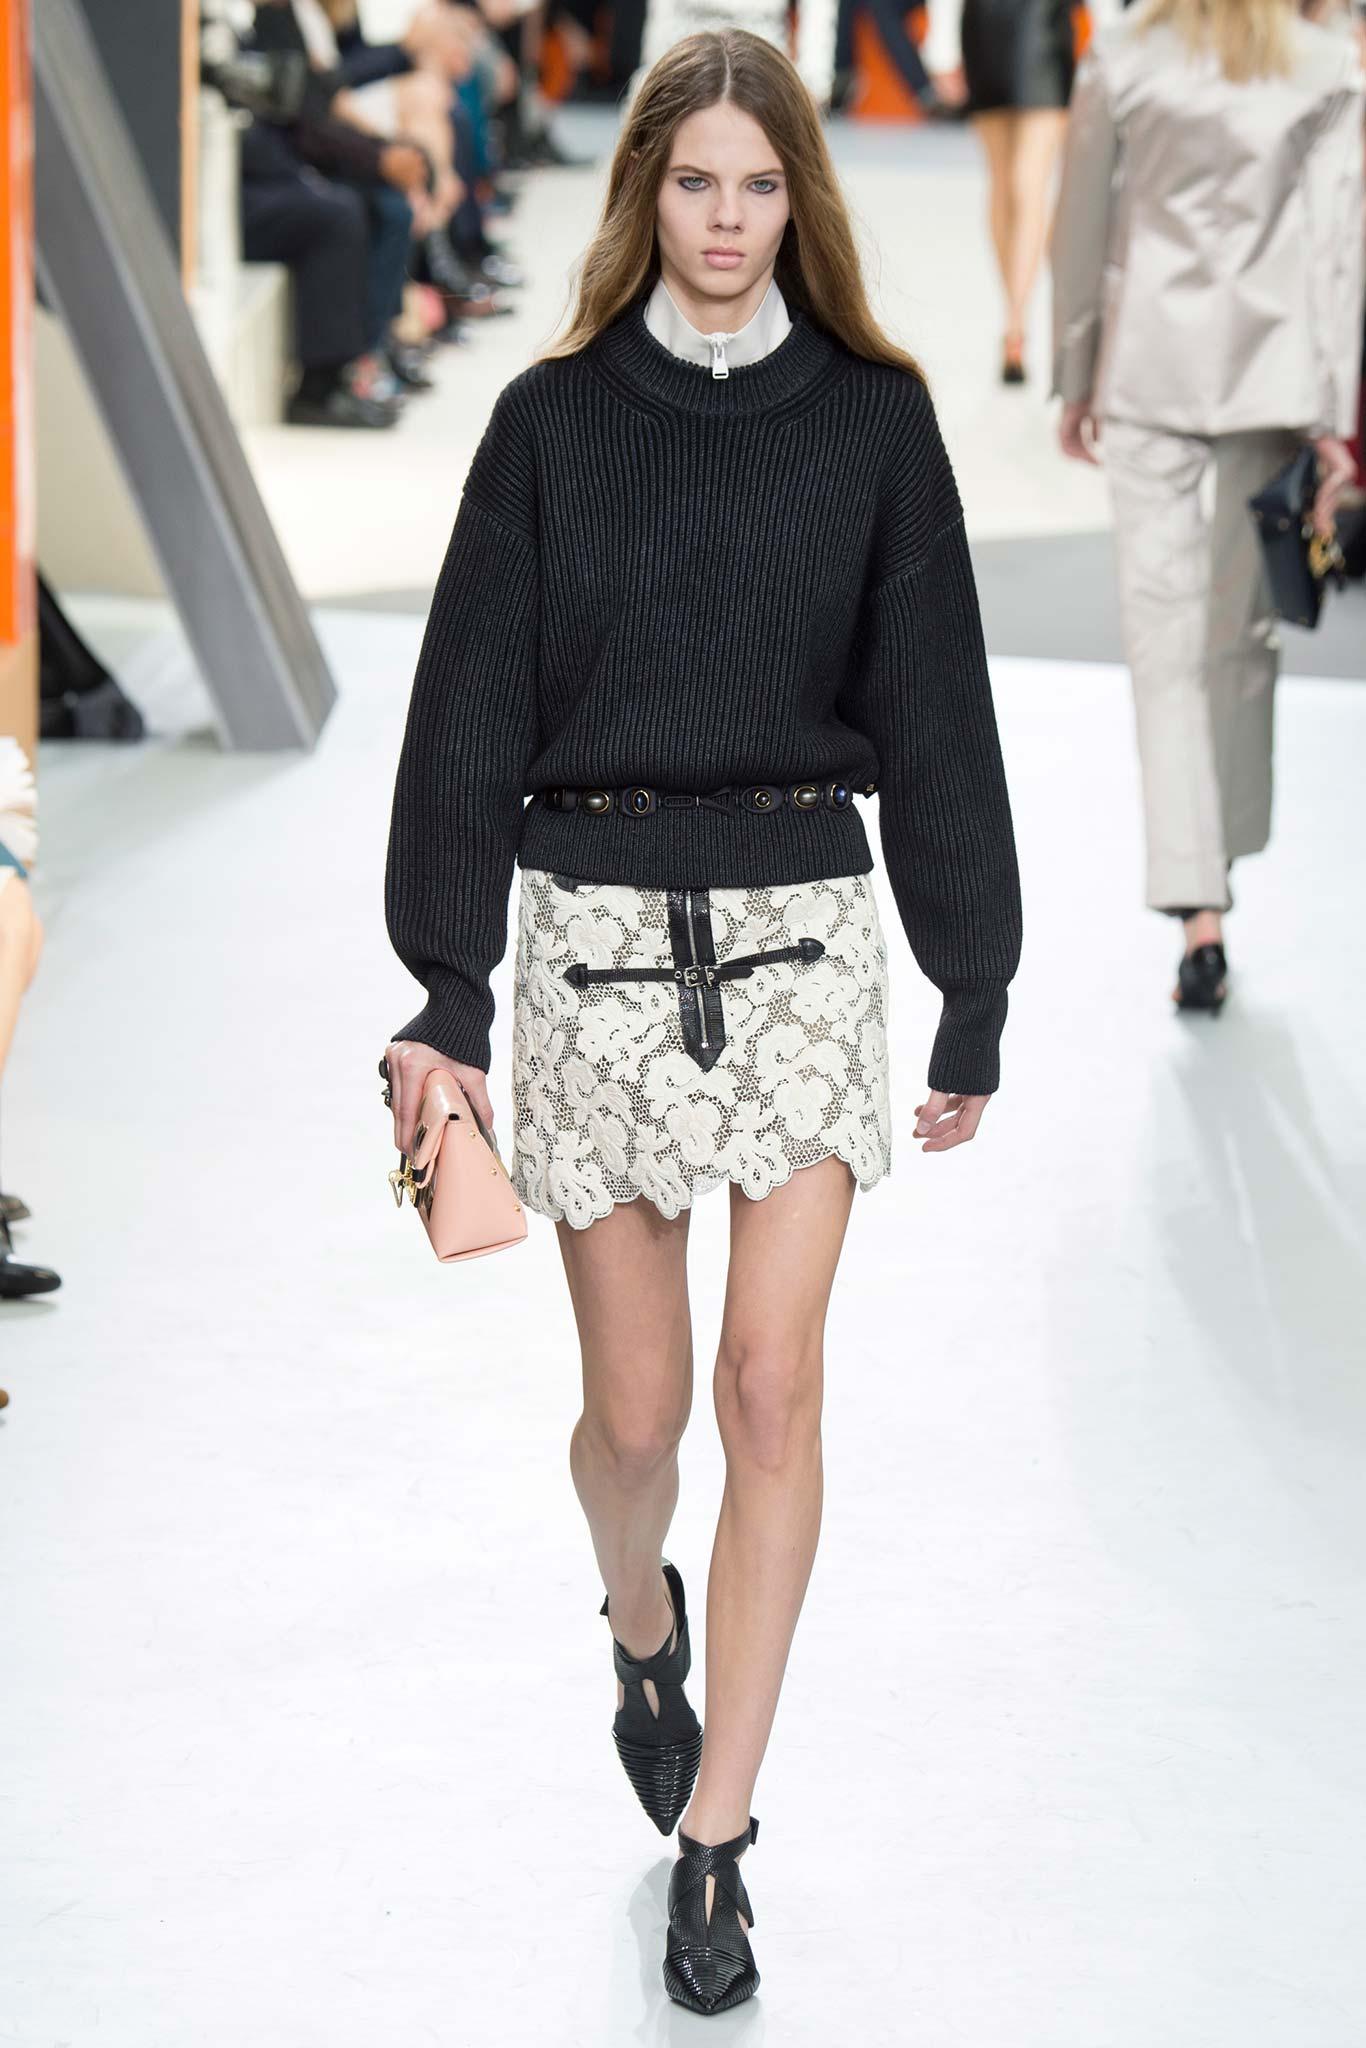 Louis Vuitton Inverno 2015 imagem: via pinterest